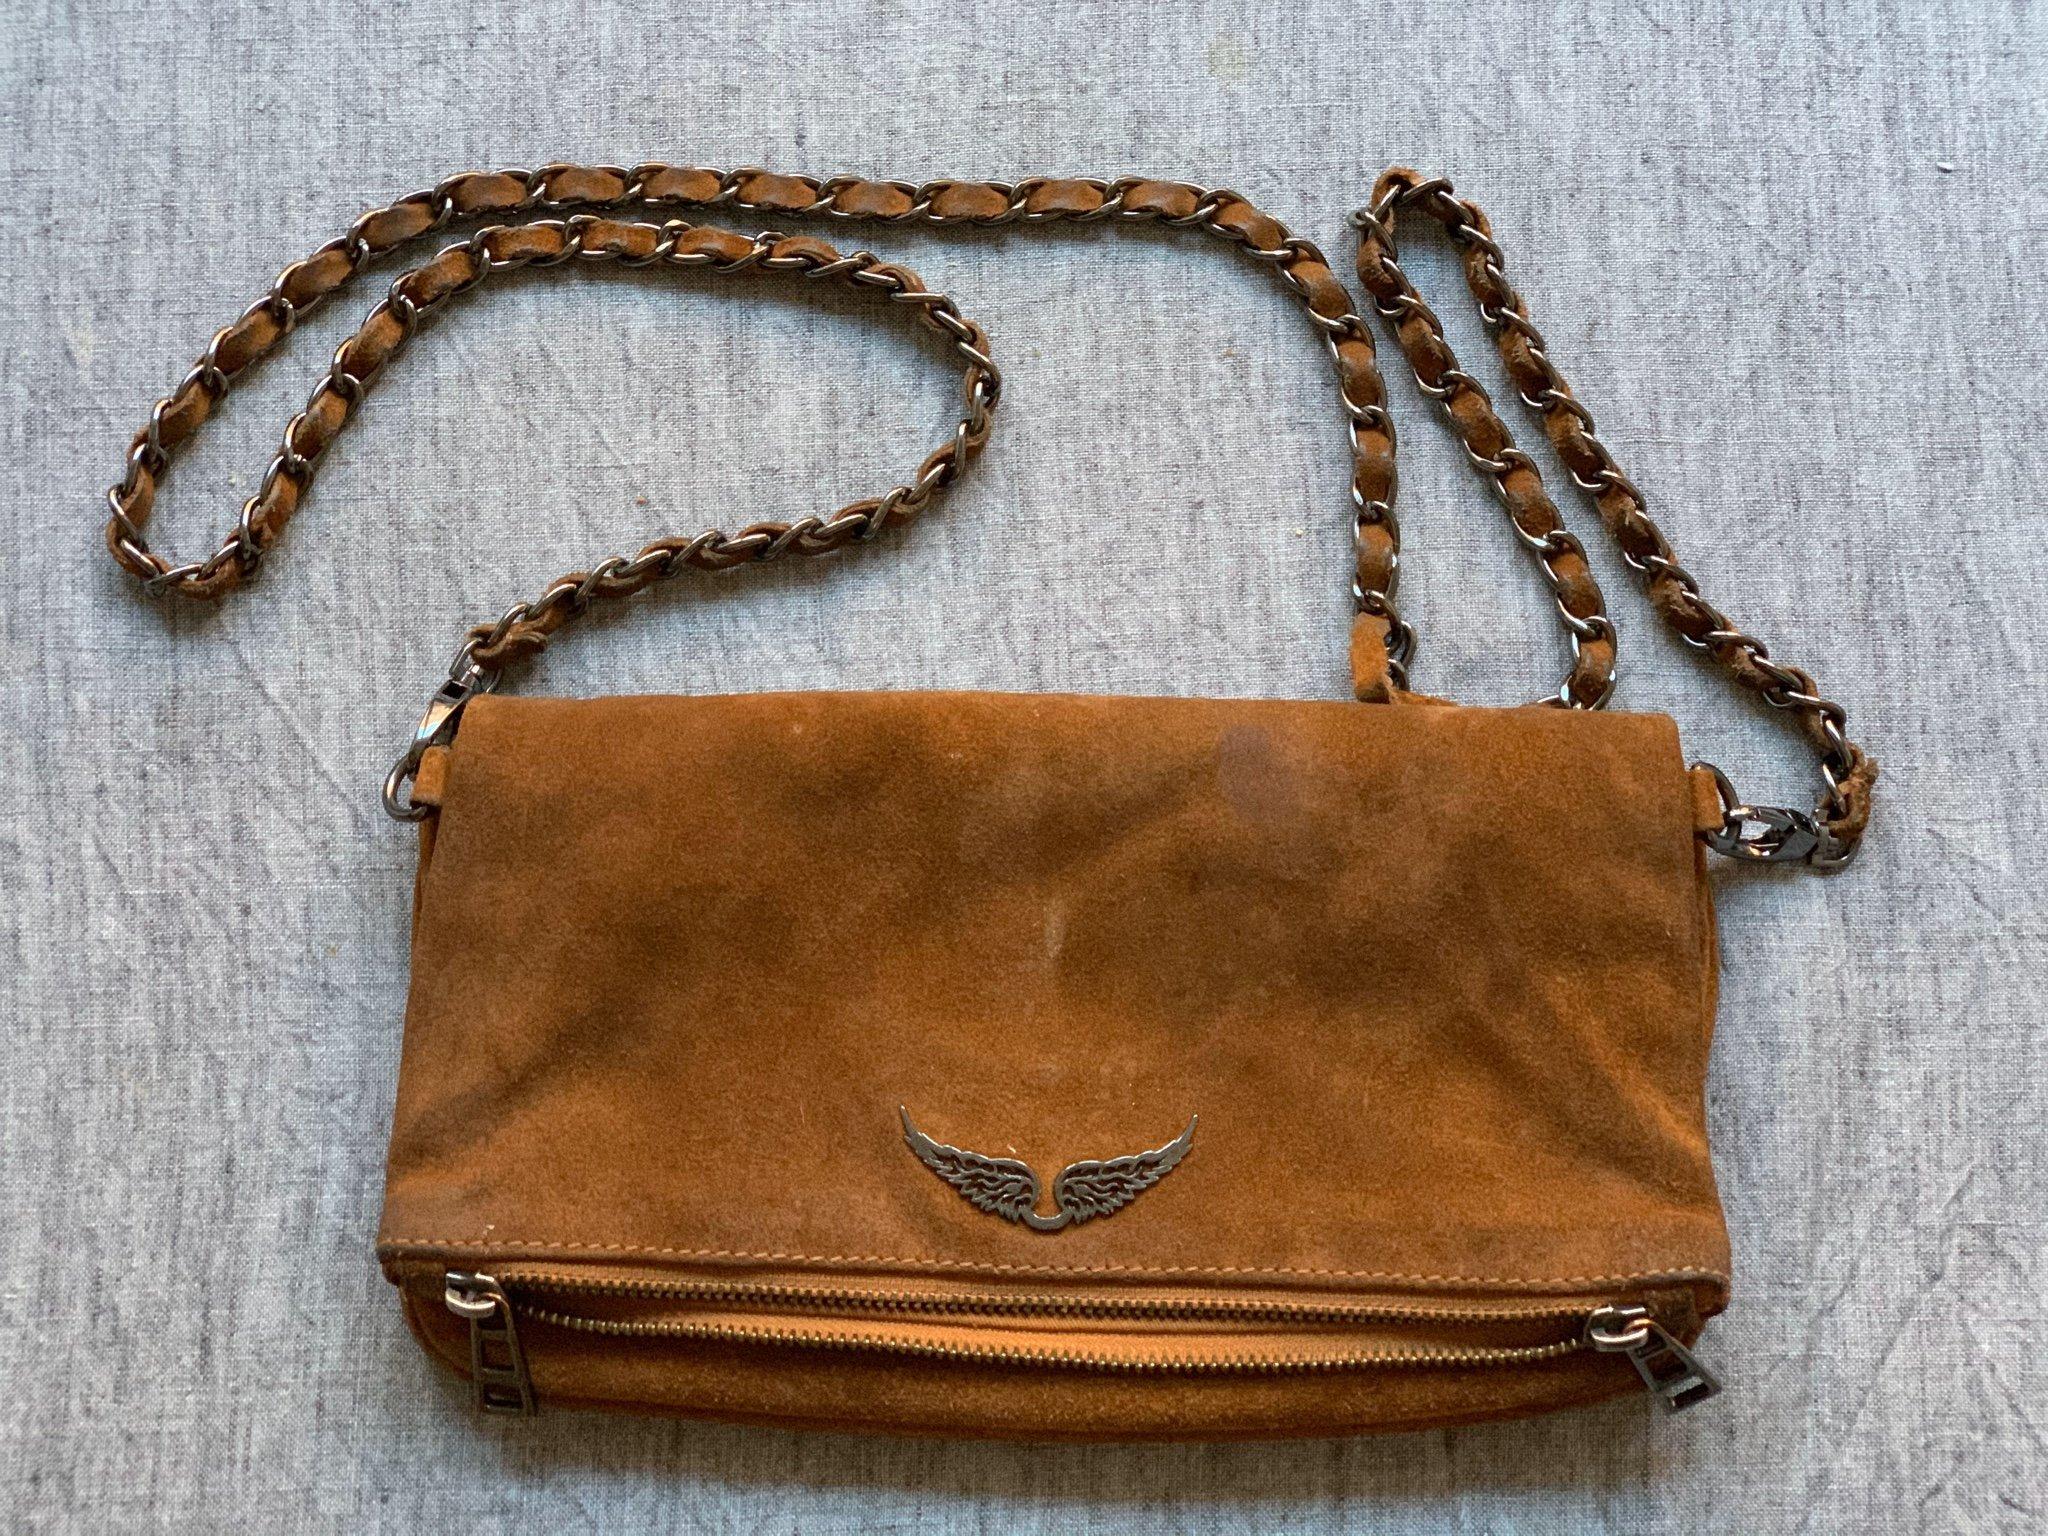 Zadig et Voltaire väska brun mocka